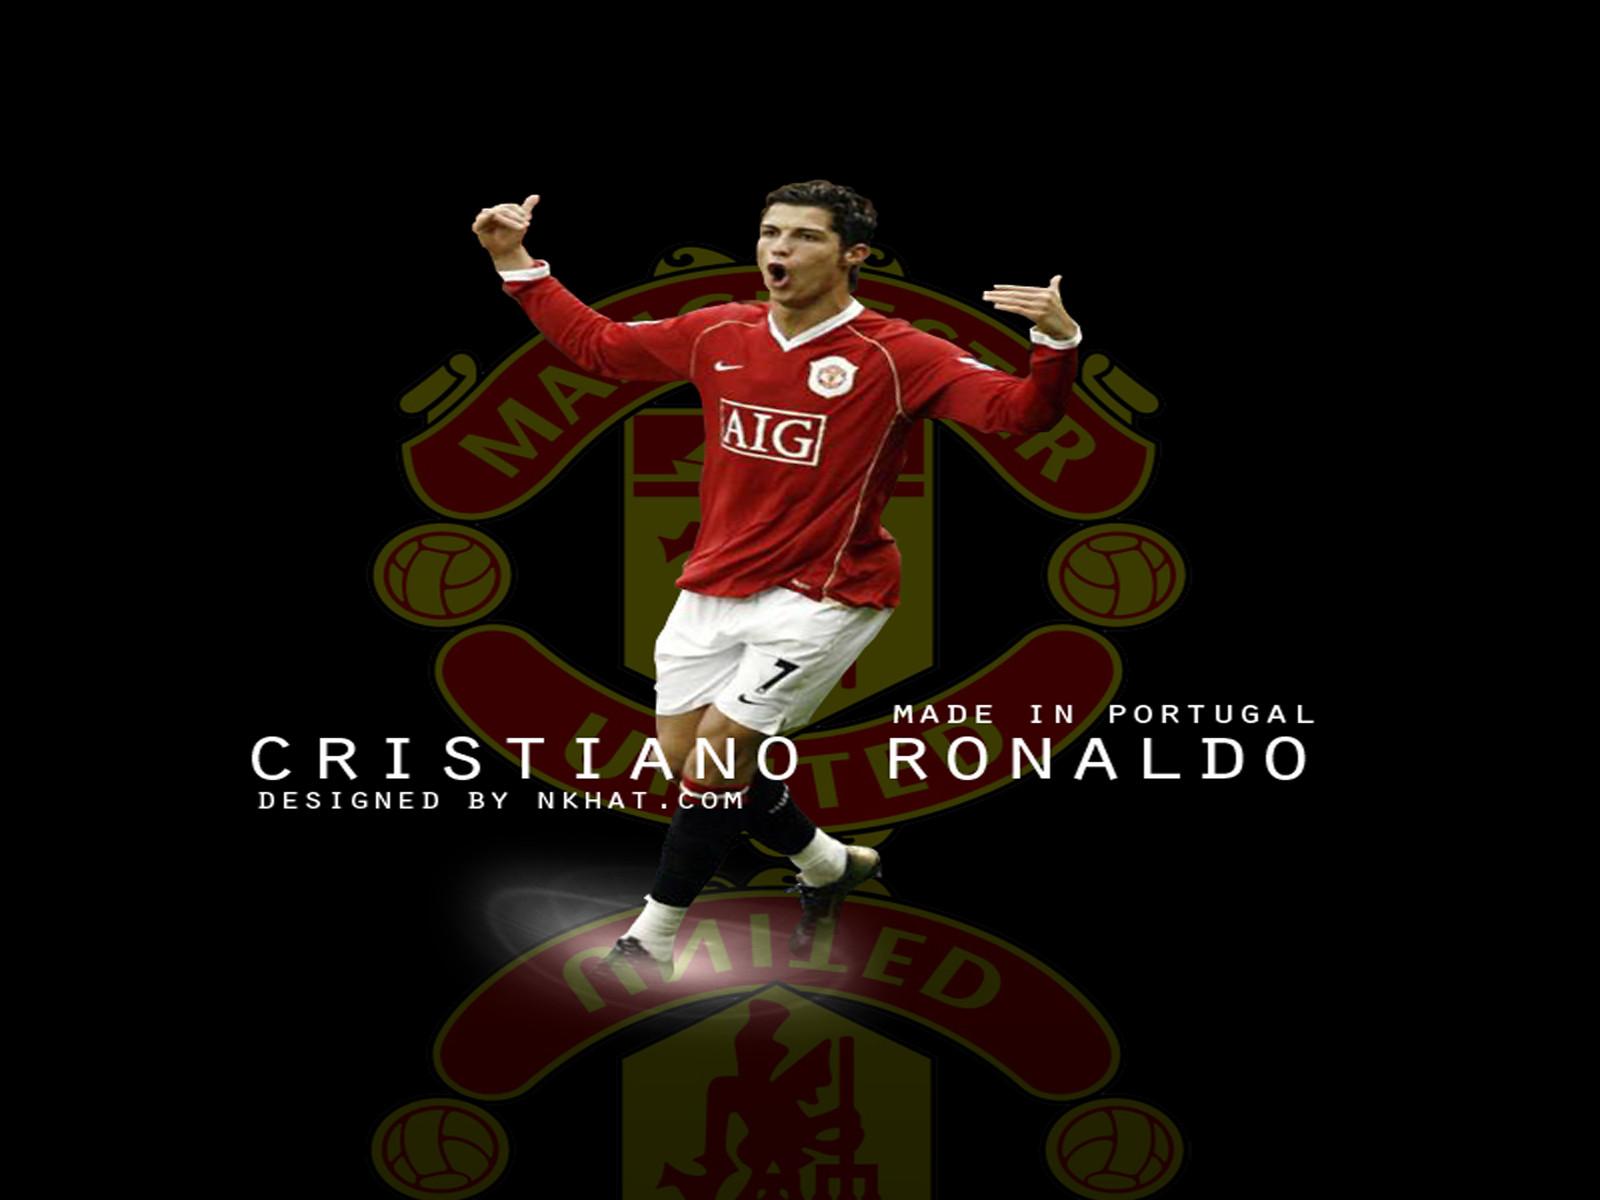 اجمل صور لنجم غنى عن التعريف Cristiano_ronaldo_by_nkhat1